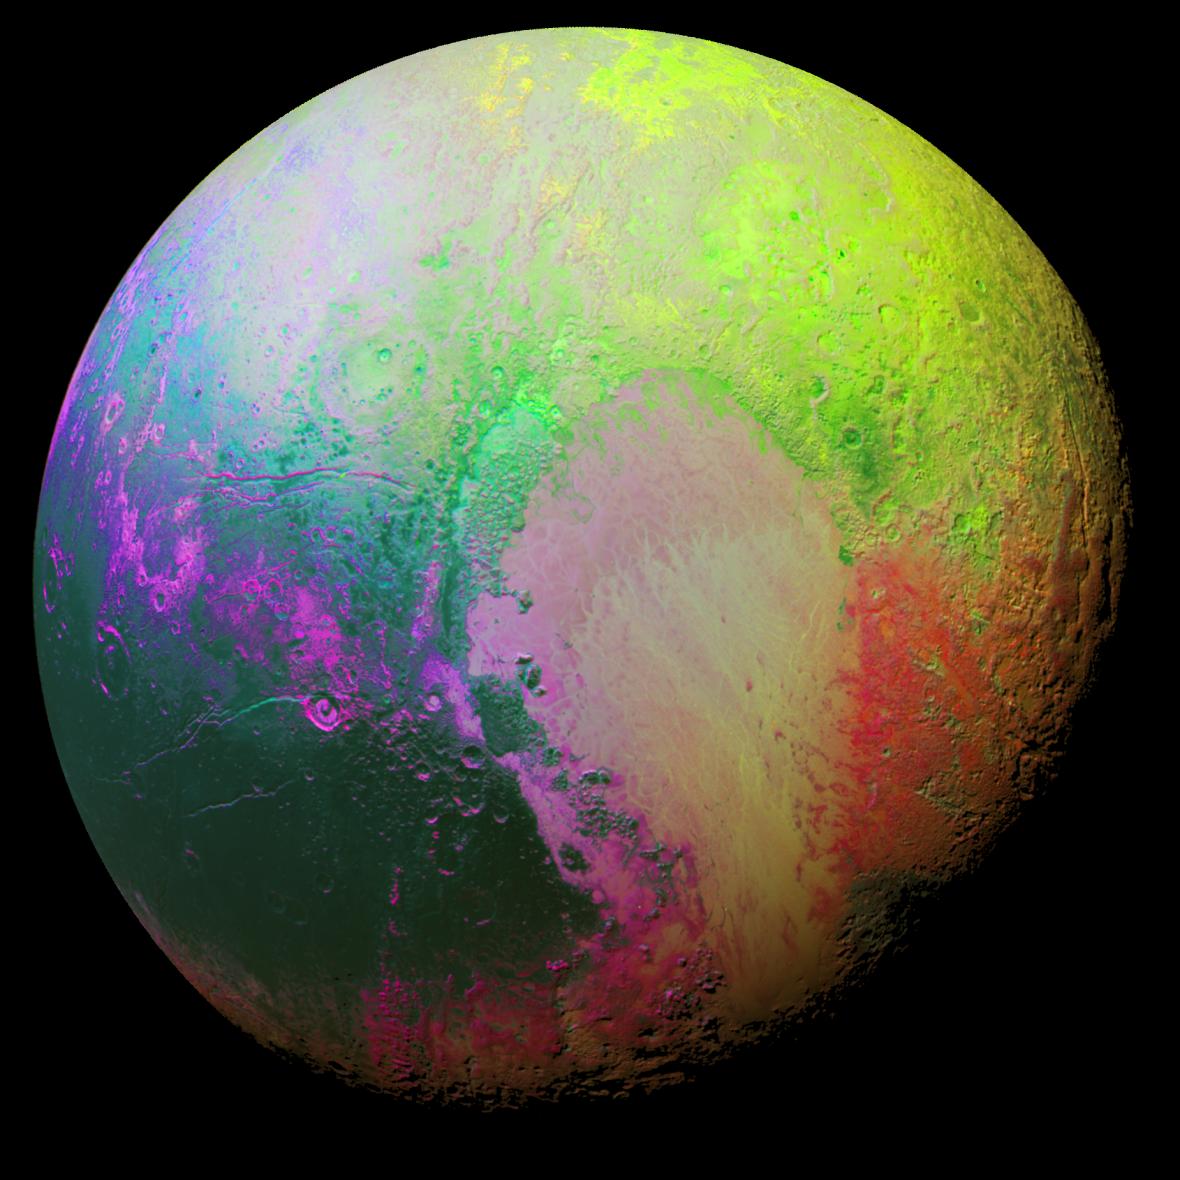 Psychedelické Pluto: Barevně upravené fotografie lépe ukazují odlišnosti na povrchu trpasličí planety.